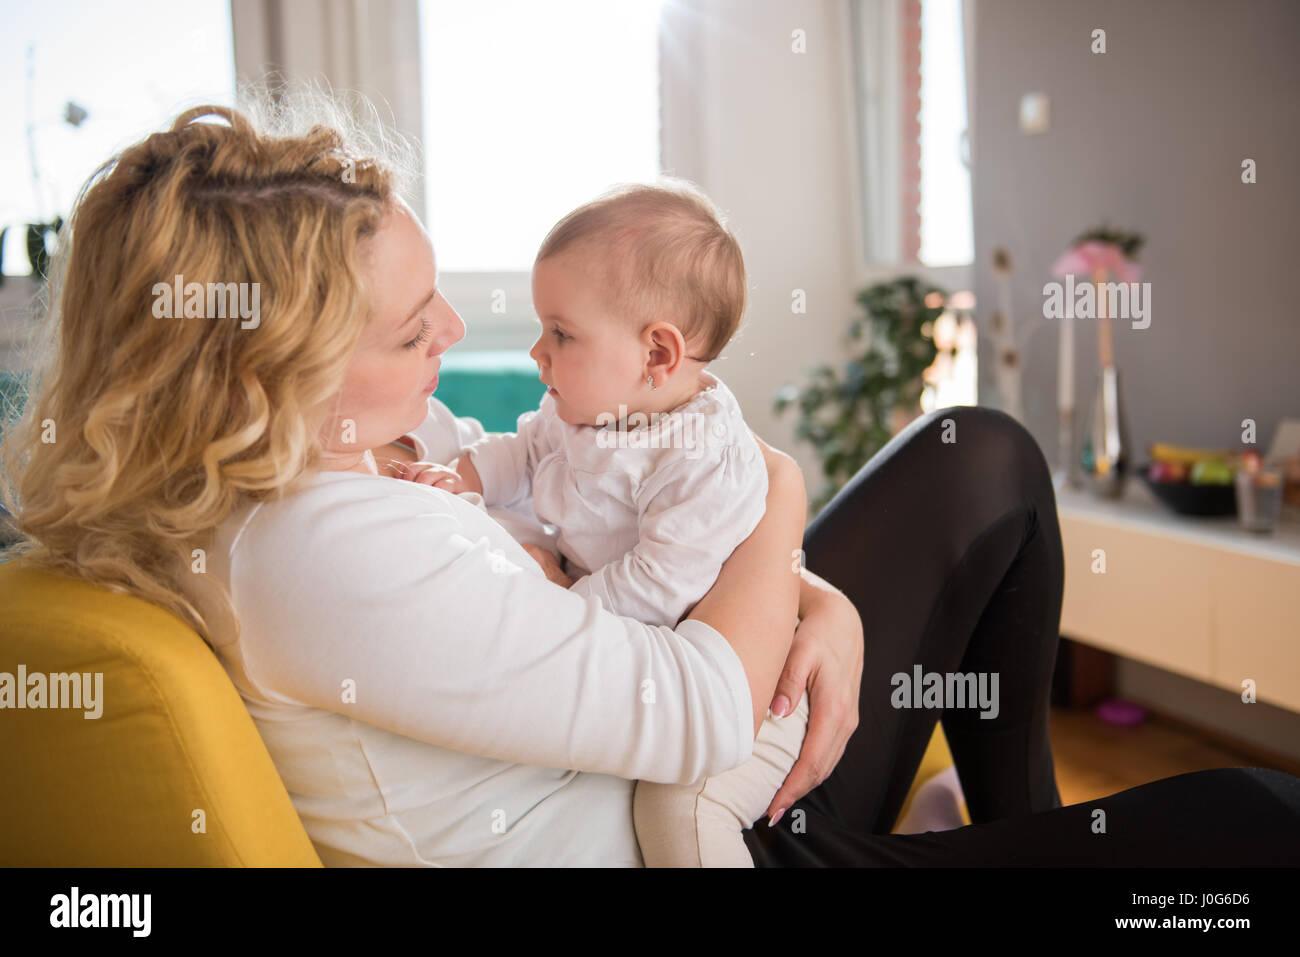 La madre tiene il Bambino fra le braccia e seduti in poltrona di colore giallo Immagini Stock